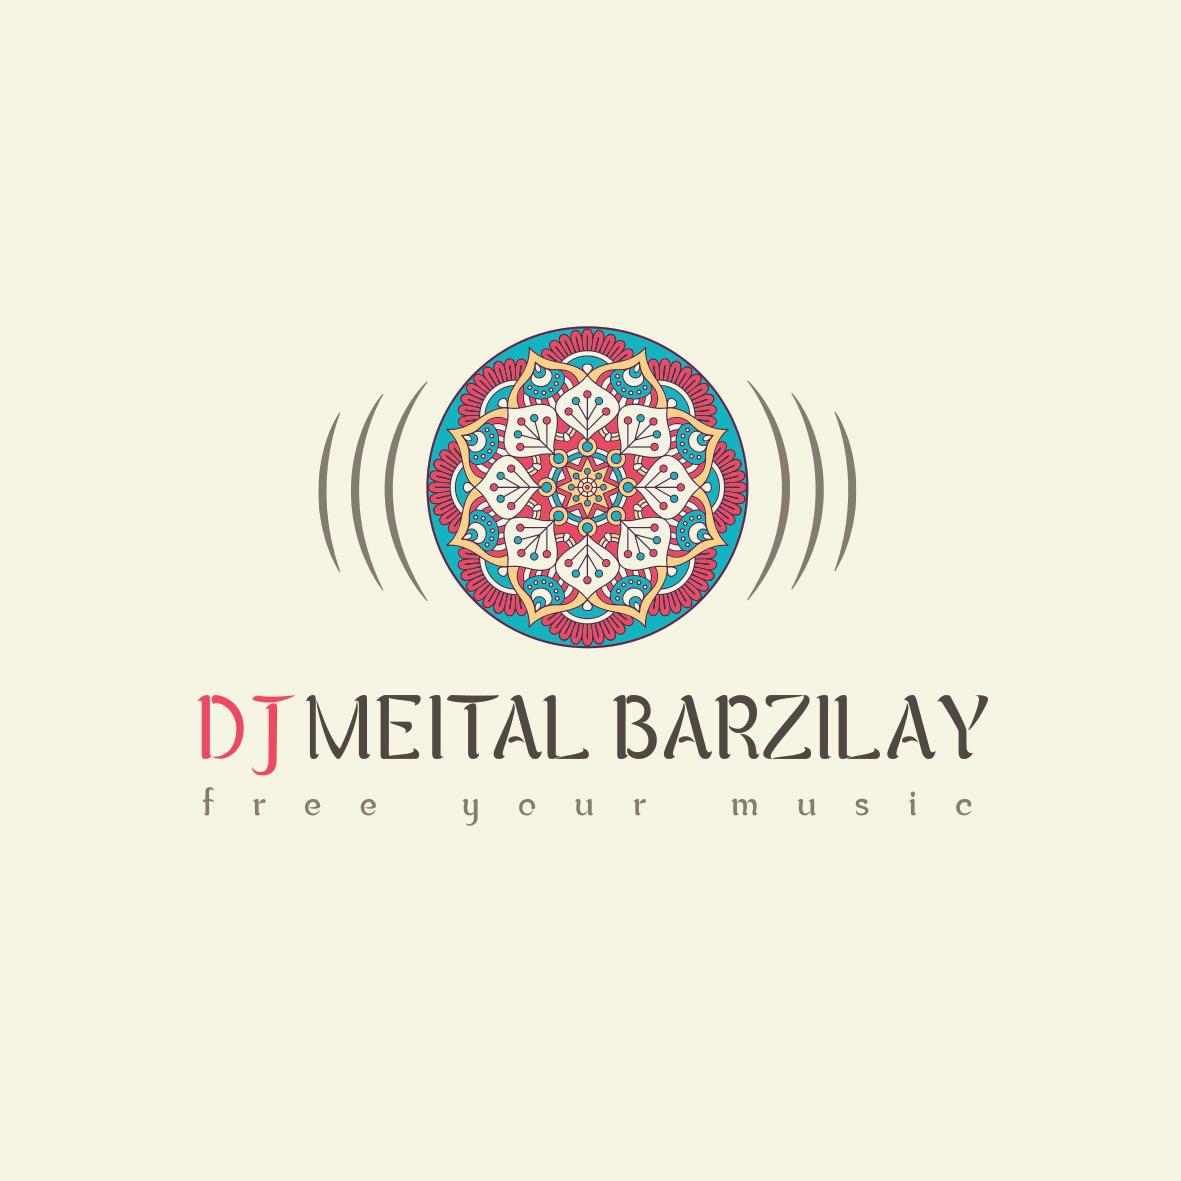 מיטל בריזלאי DJ